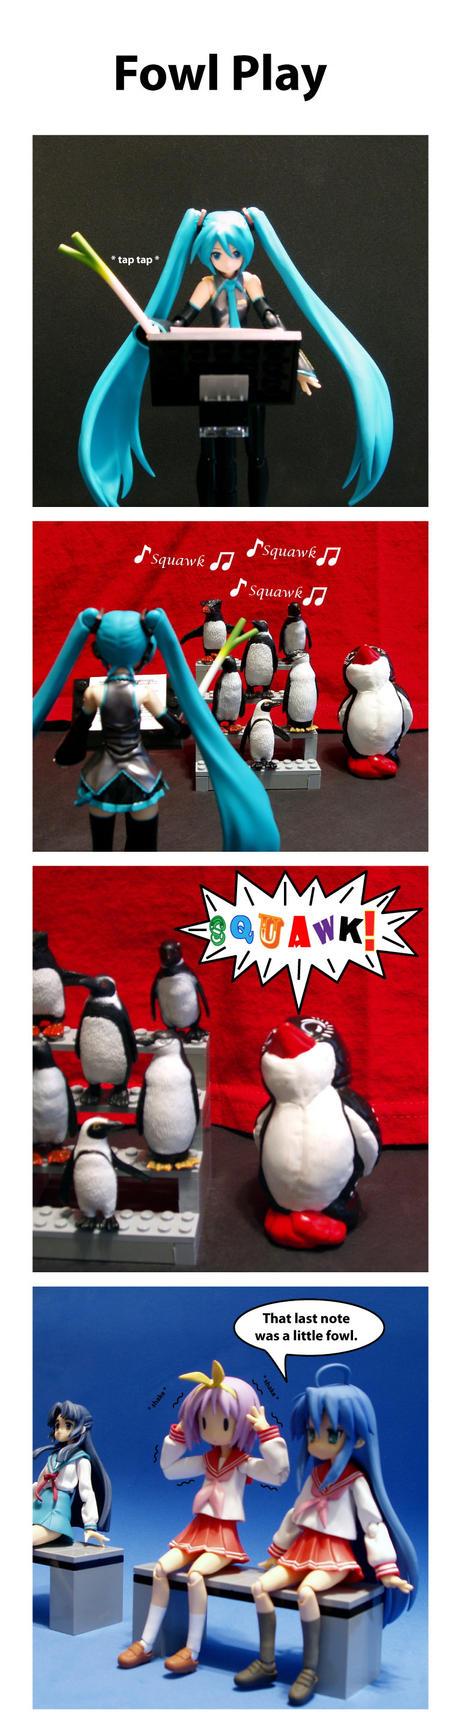 Fowl Play by AnimatorAR